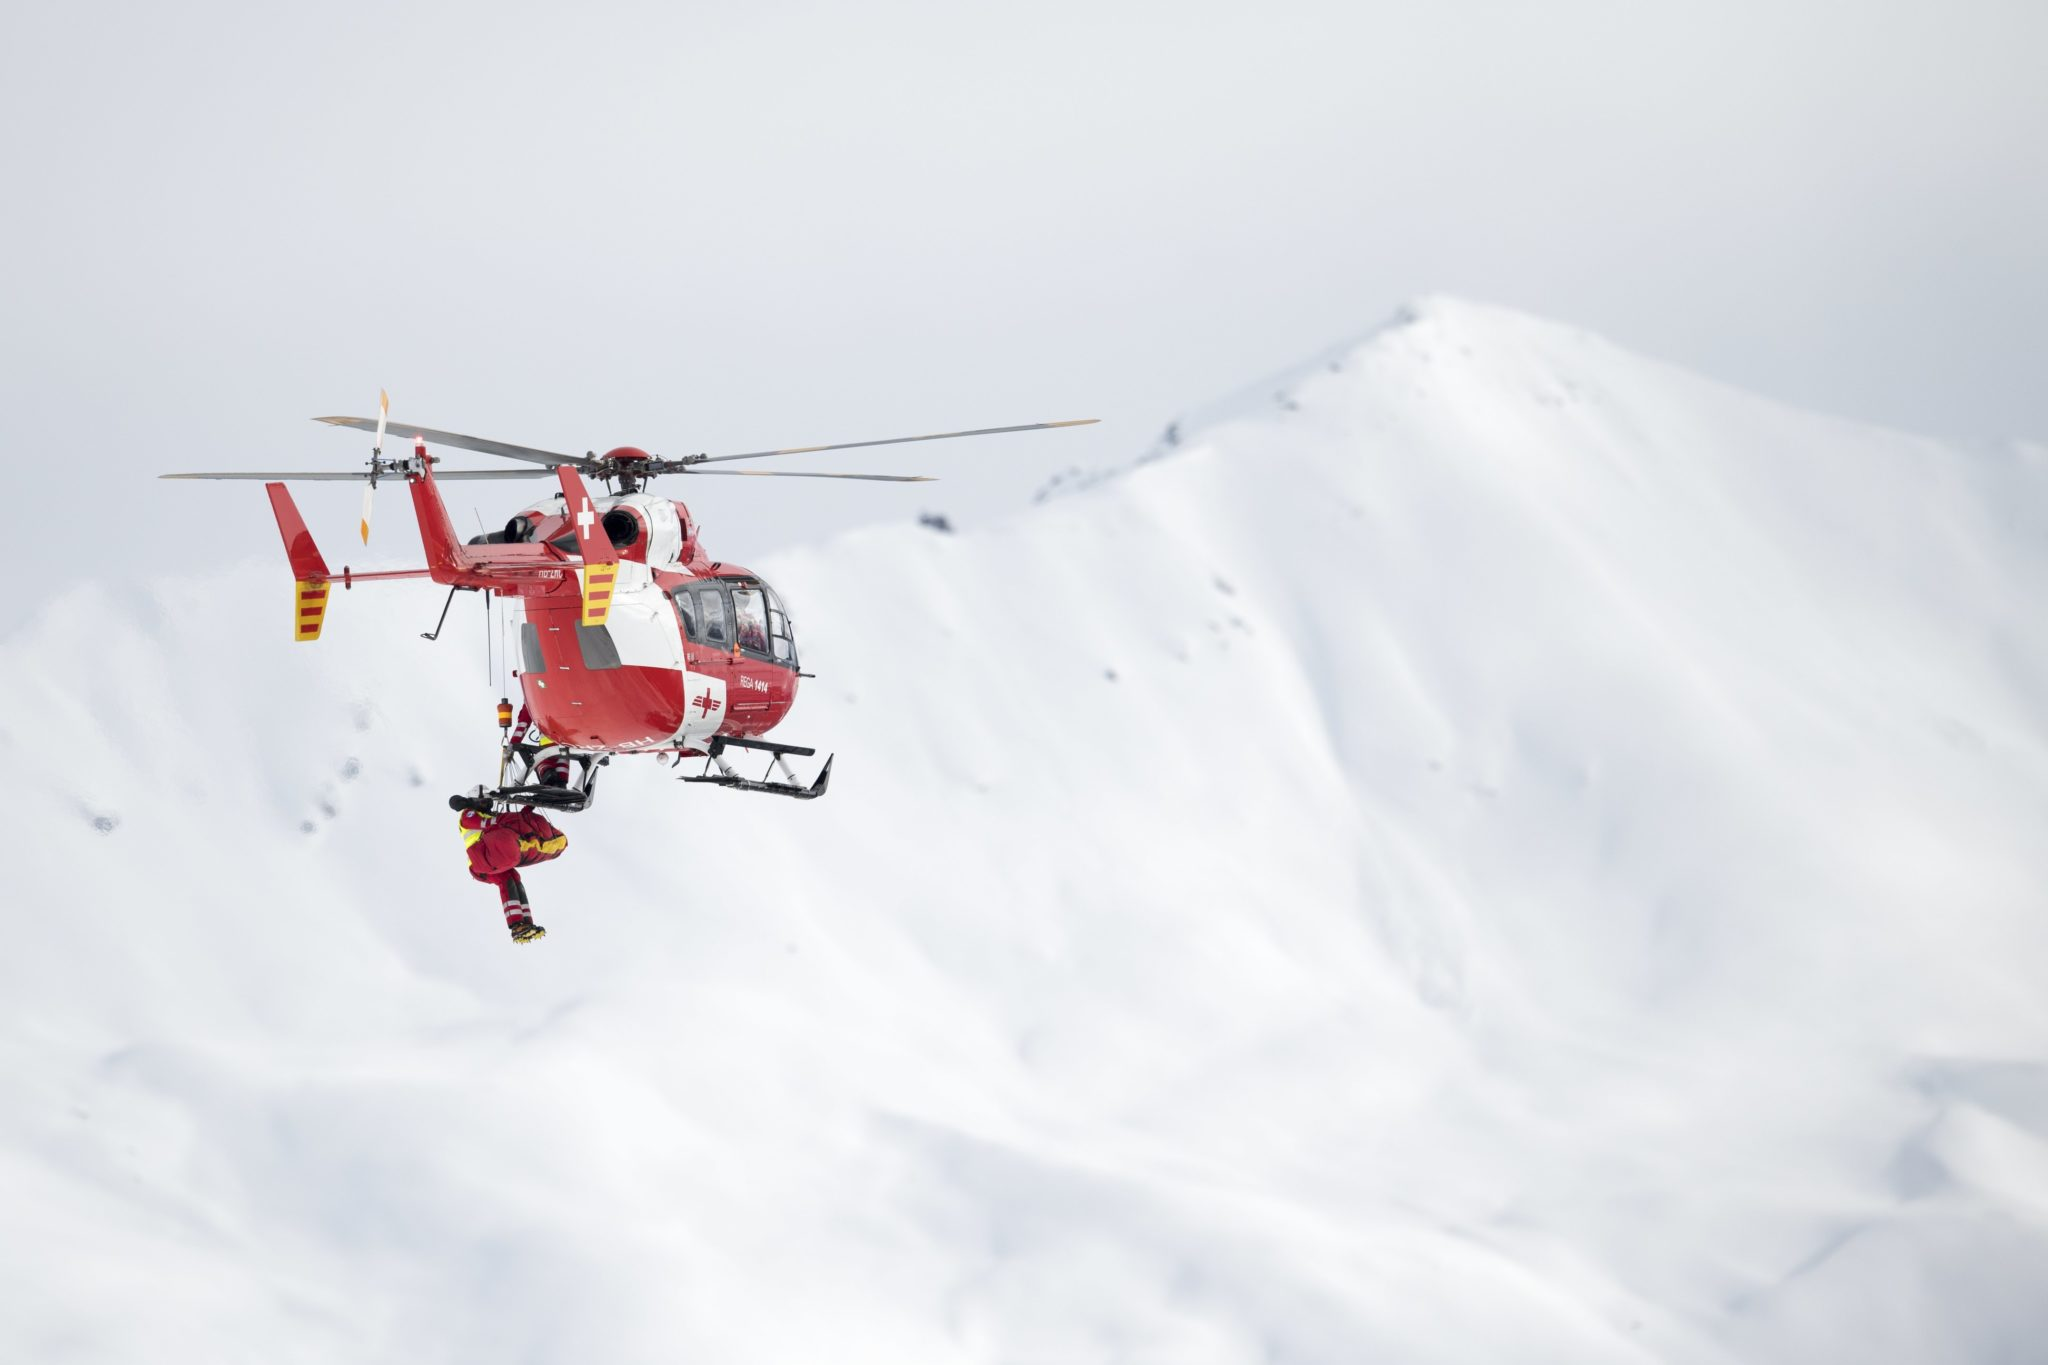 Szwajcaria: akcja ratunkowa podczas zawodów Pucharu Świata w Narciarstwie Alpejskim w St. Moritz (foto. PAP/EPA/GIAN EHRENZELLER)